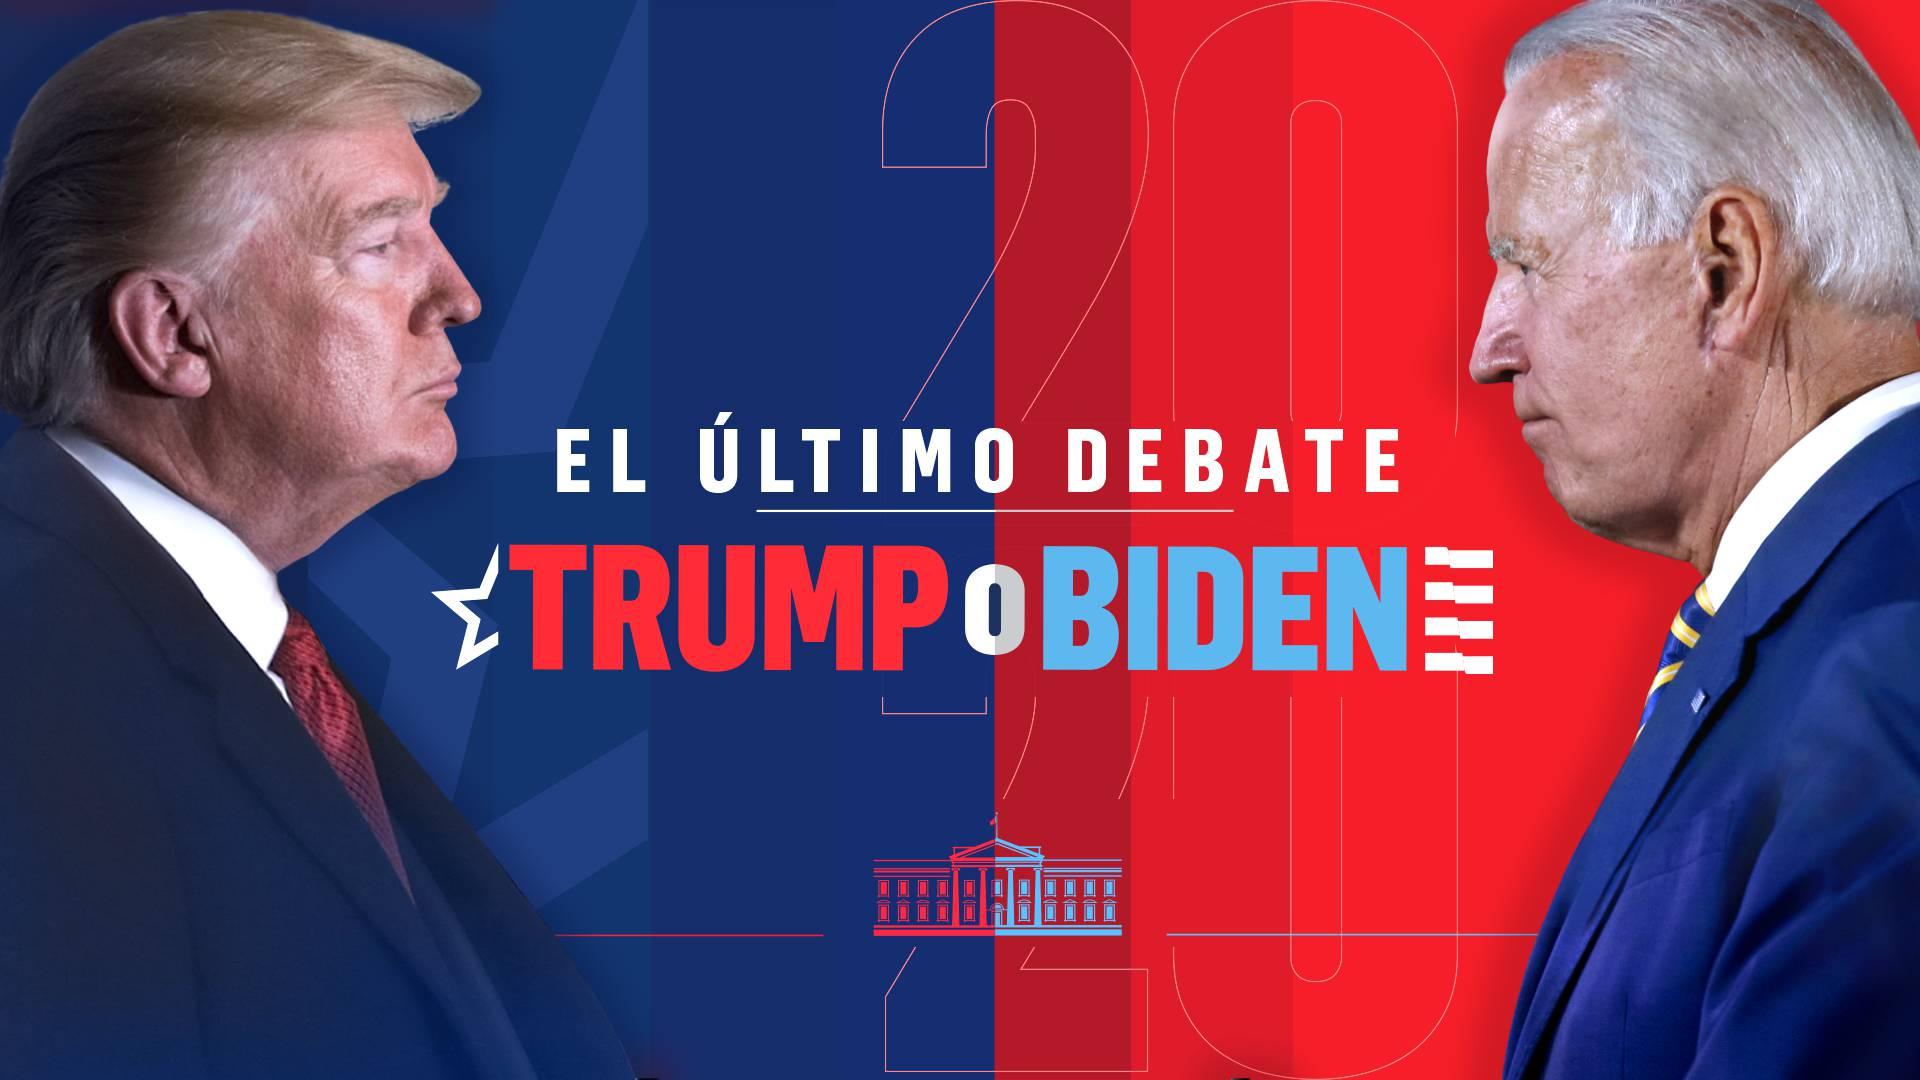 Elecciones estadounidenses: ¿Quién ganó el último debate entre Joe Biden y Donald Trump?